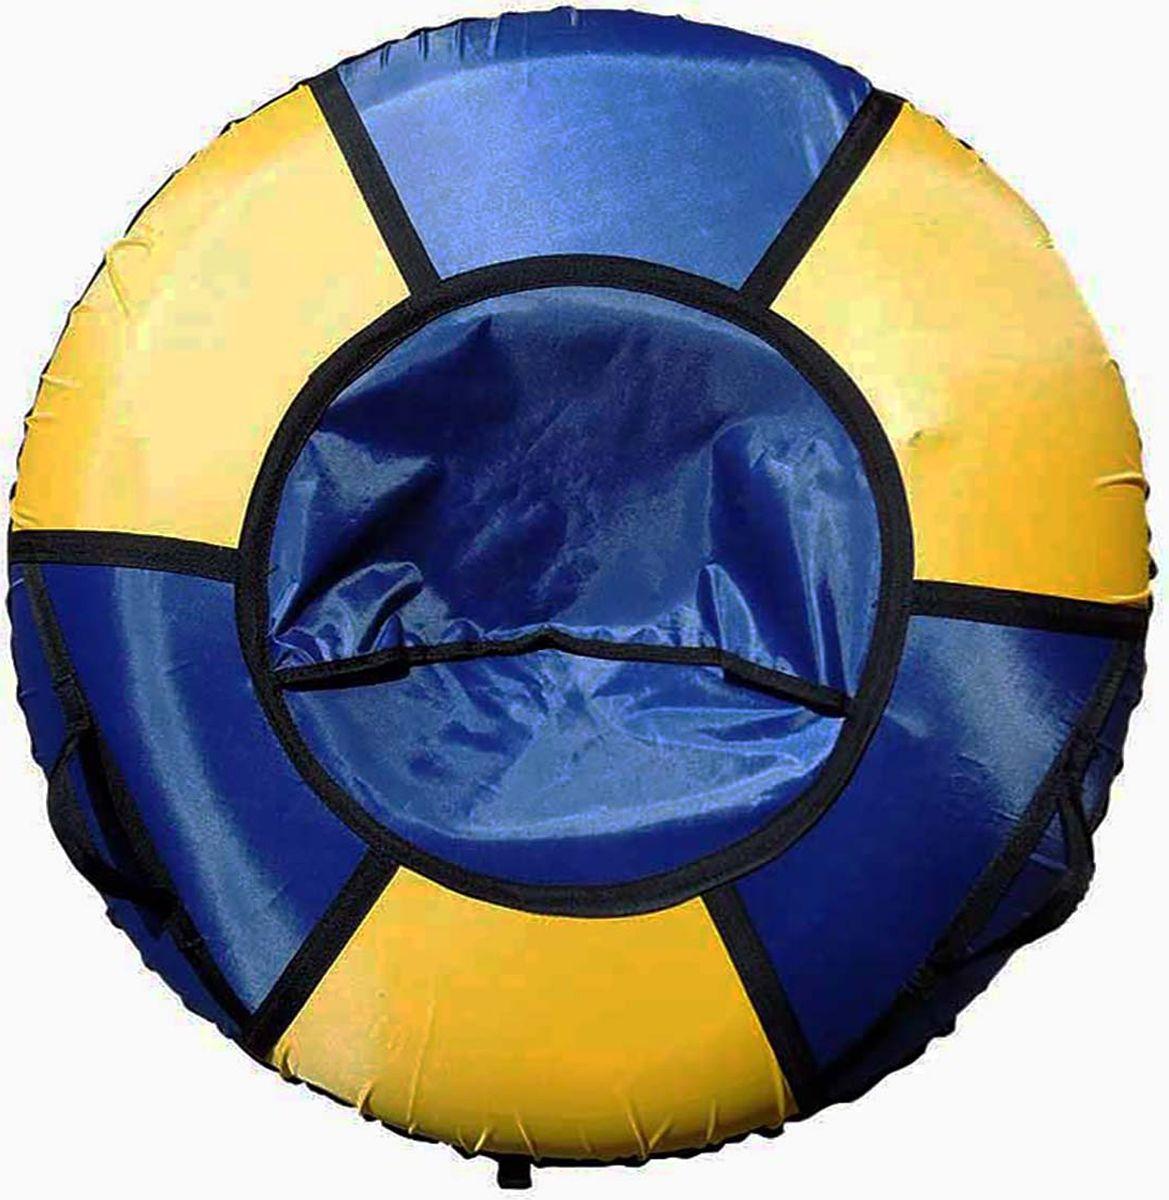 Тюбинг Эх, Прокачу!  Эконом-6 , цвет: синий, желтый, 85 см - Катаемся с горки